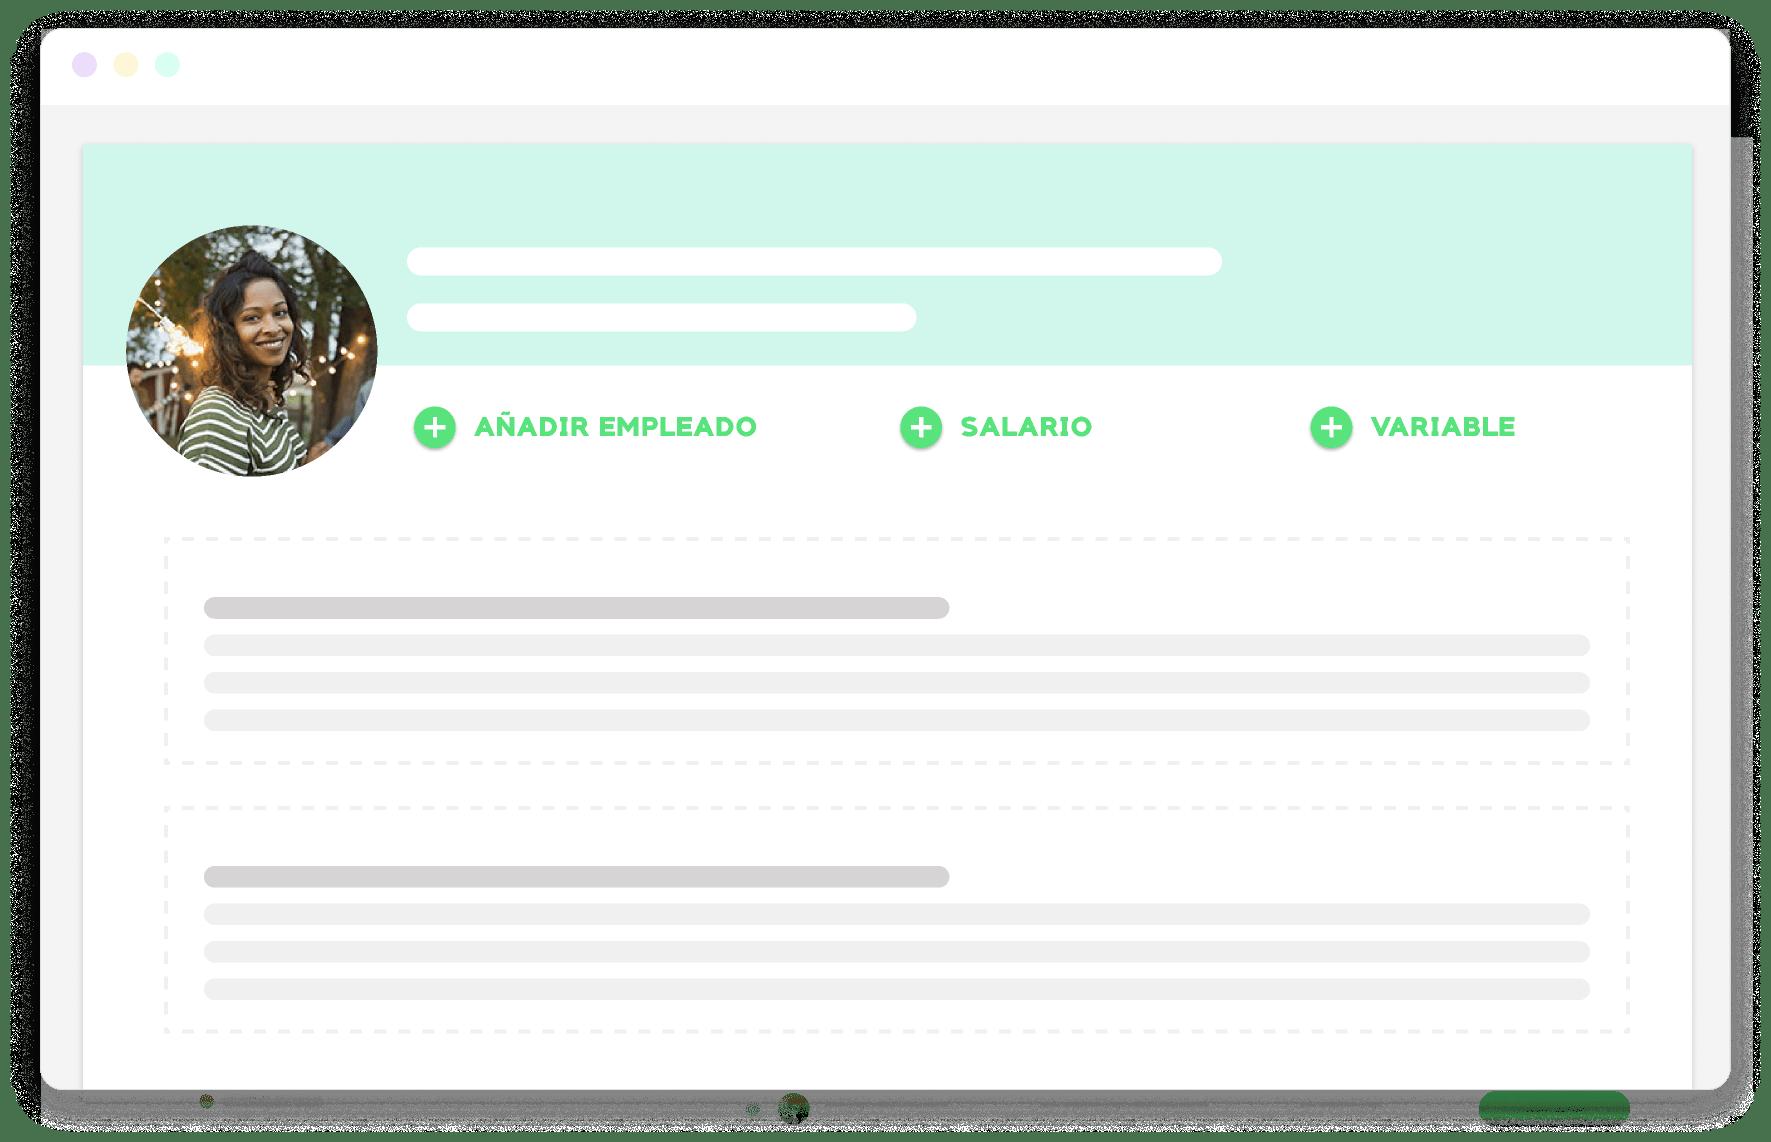 ejemplo de la funcionalidad de informes de nominas de Kenjo